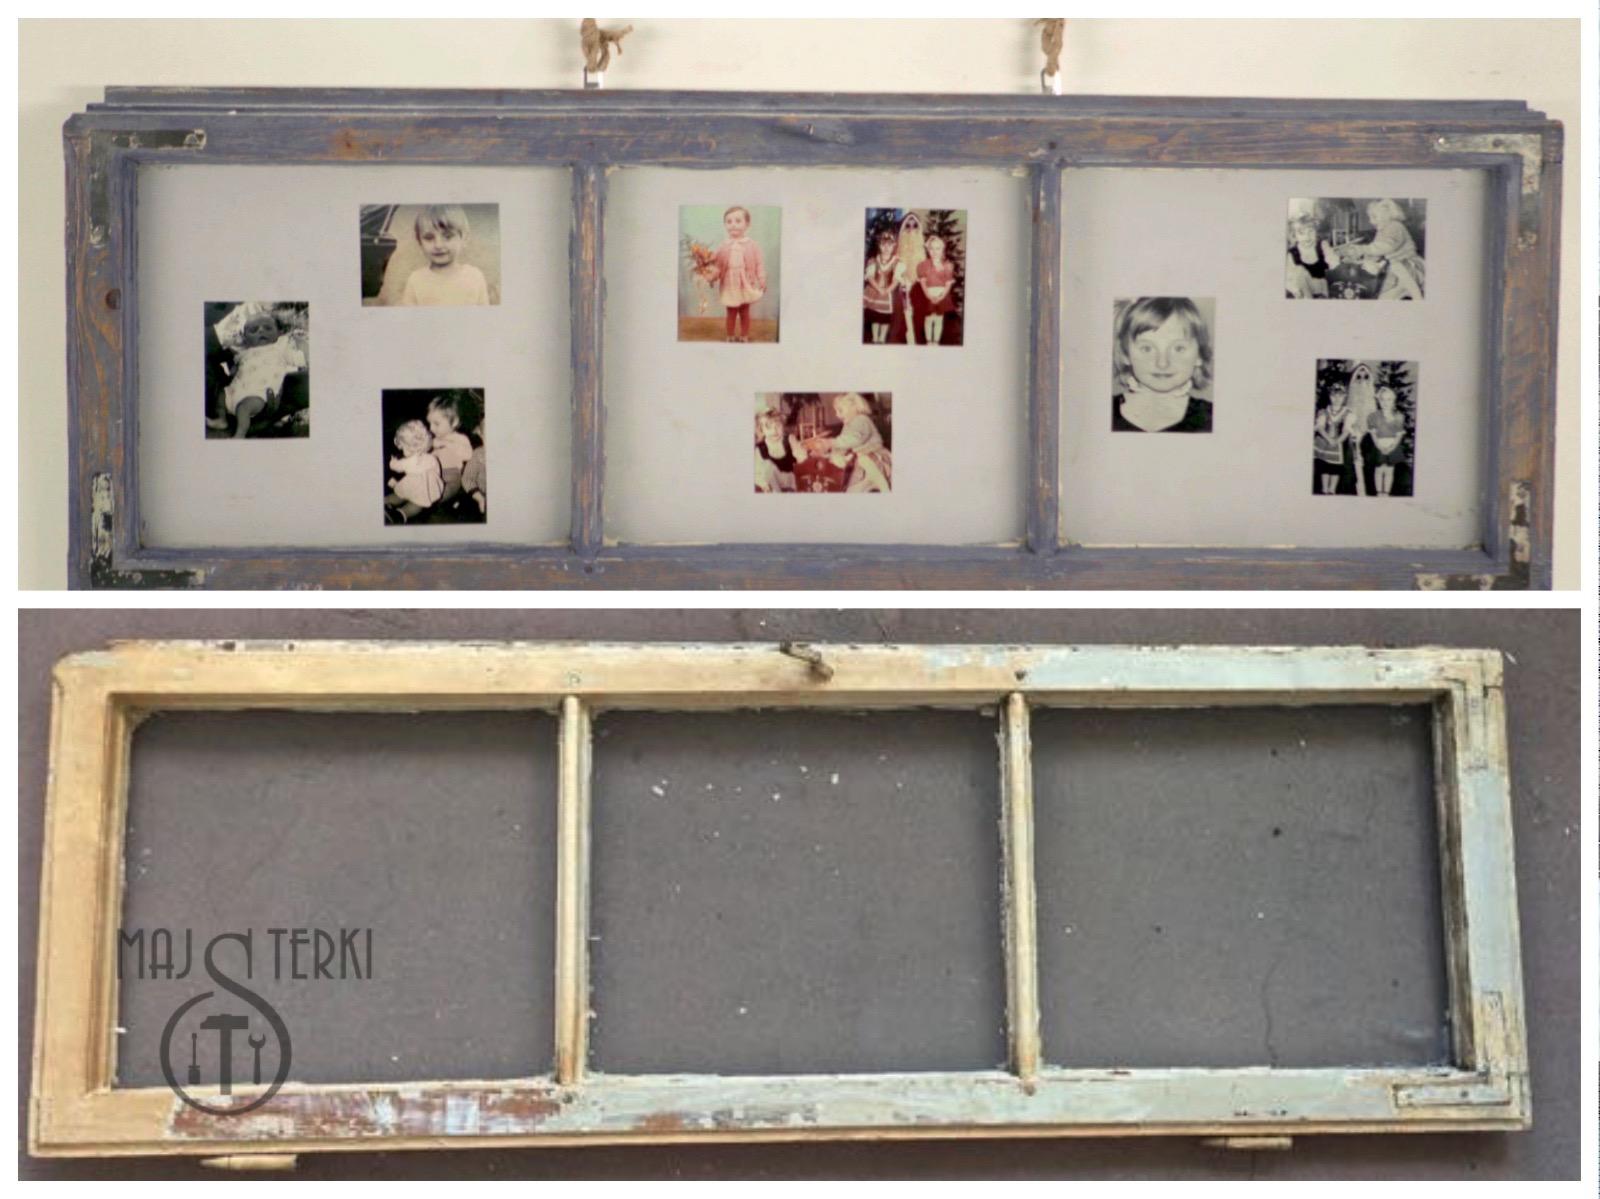 ramka-zdjecia-stare-okno-majsterkilogo-1